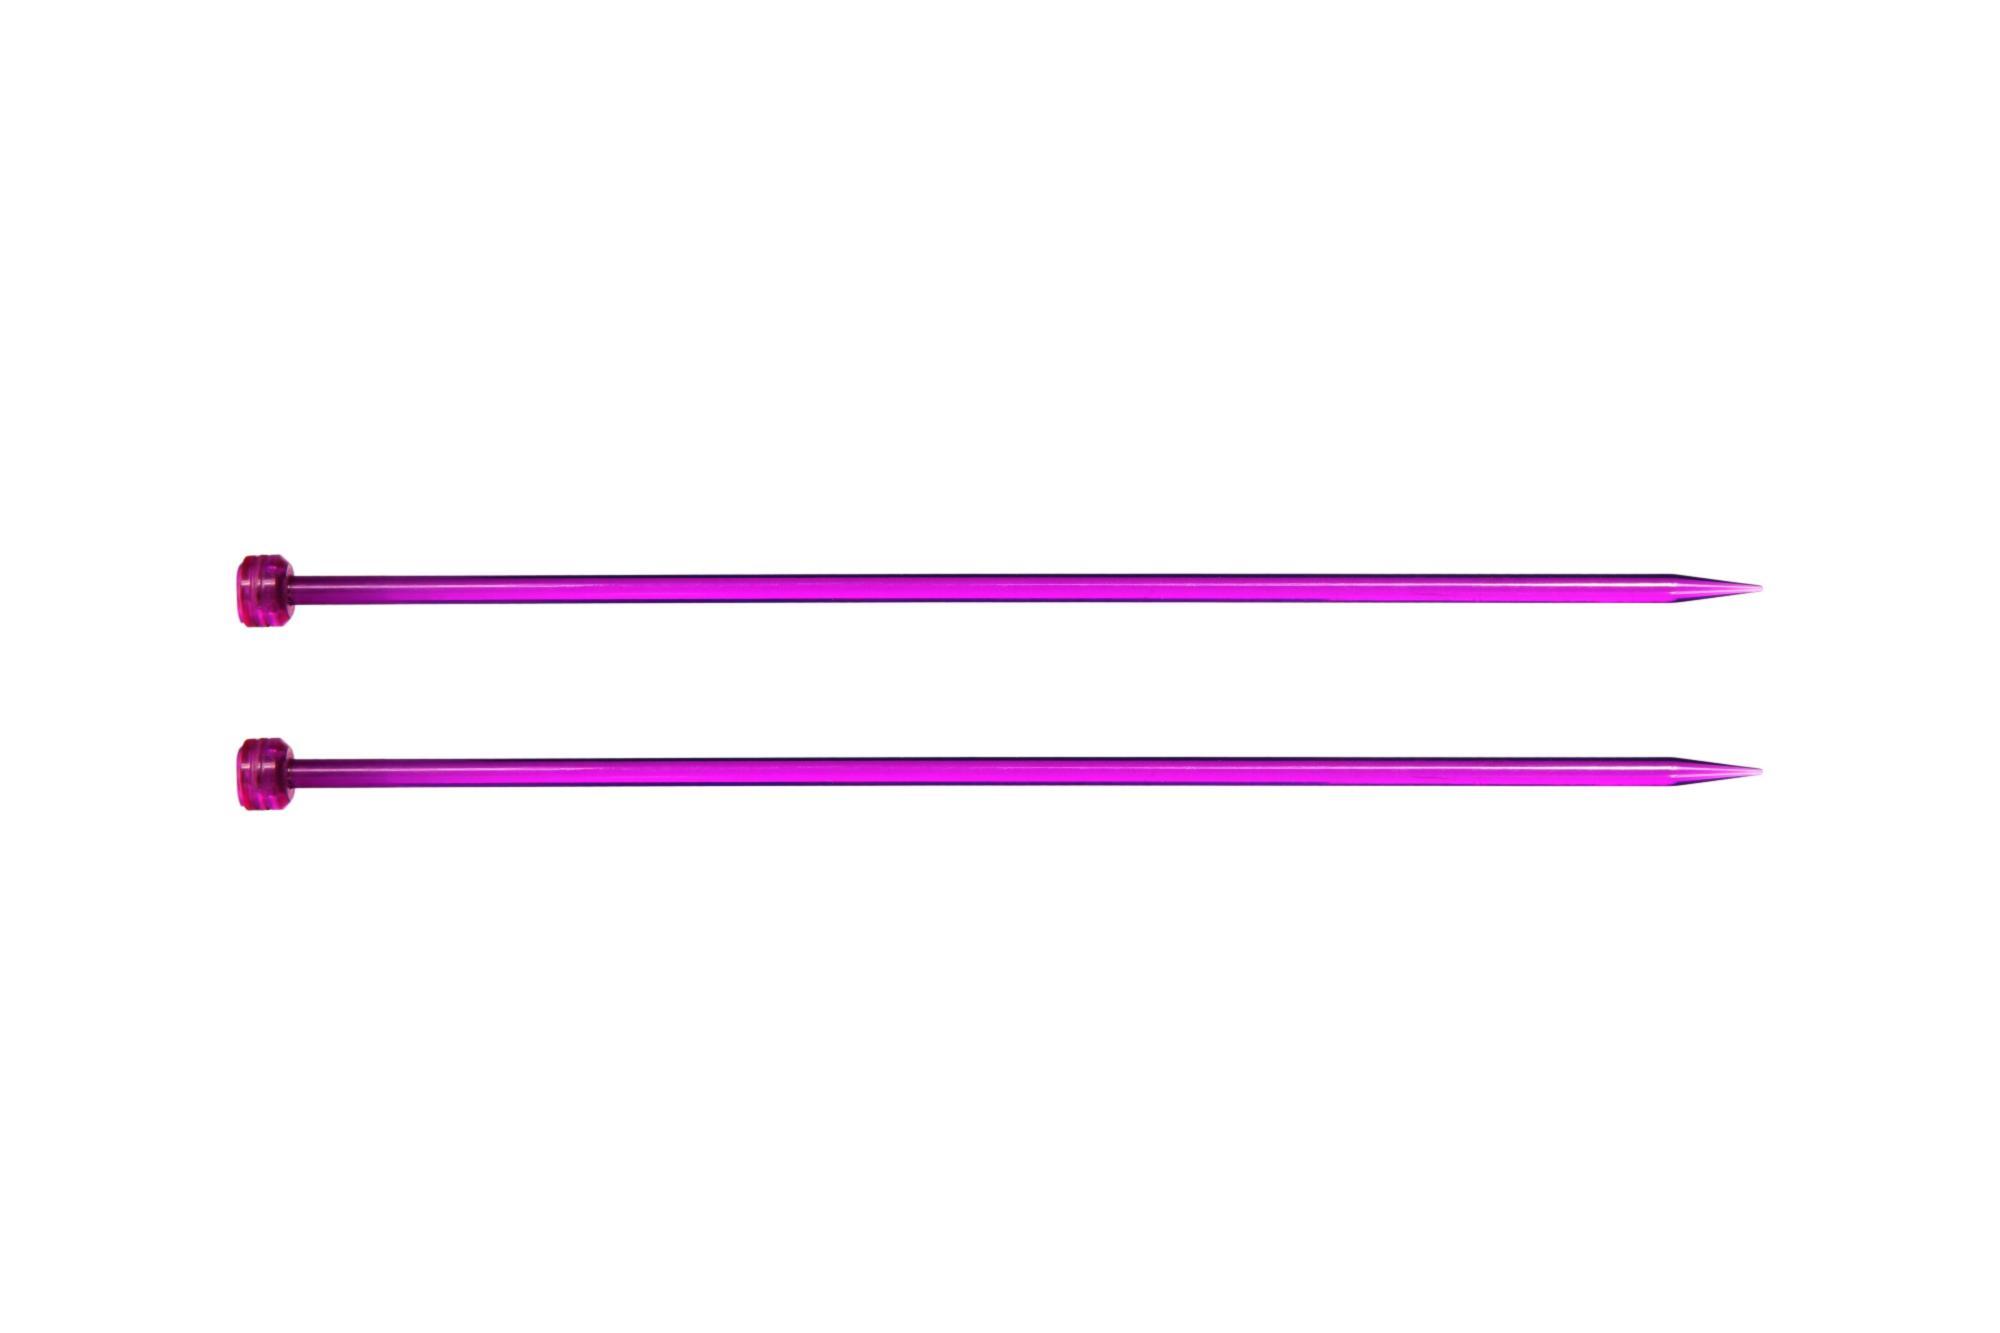 Спицы прямые 30 см Trendz KnitPro, 51193, 5.00 мм